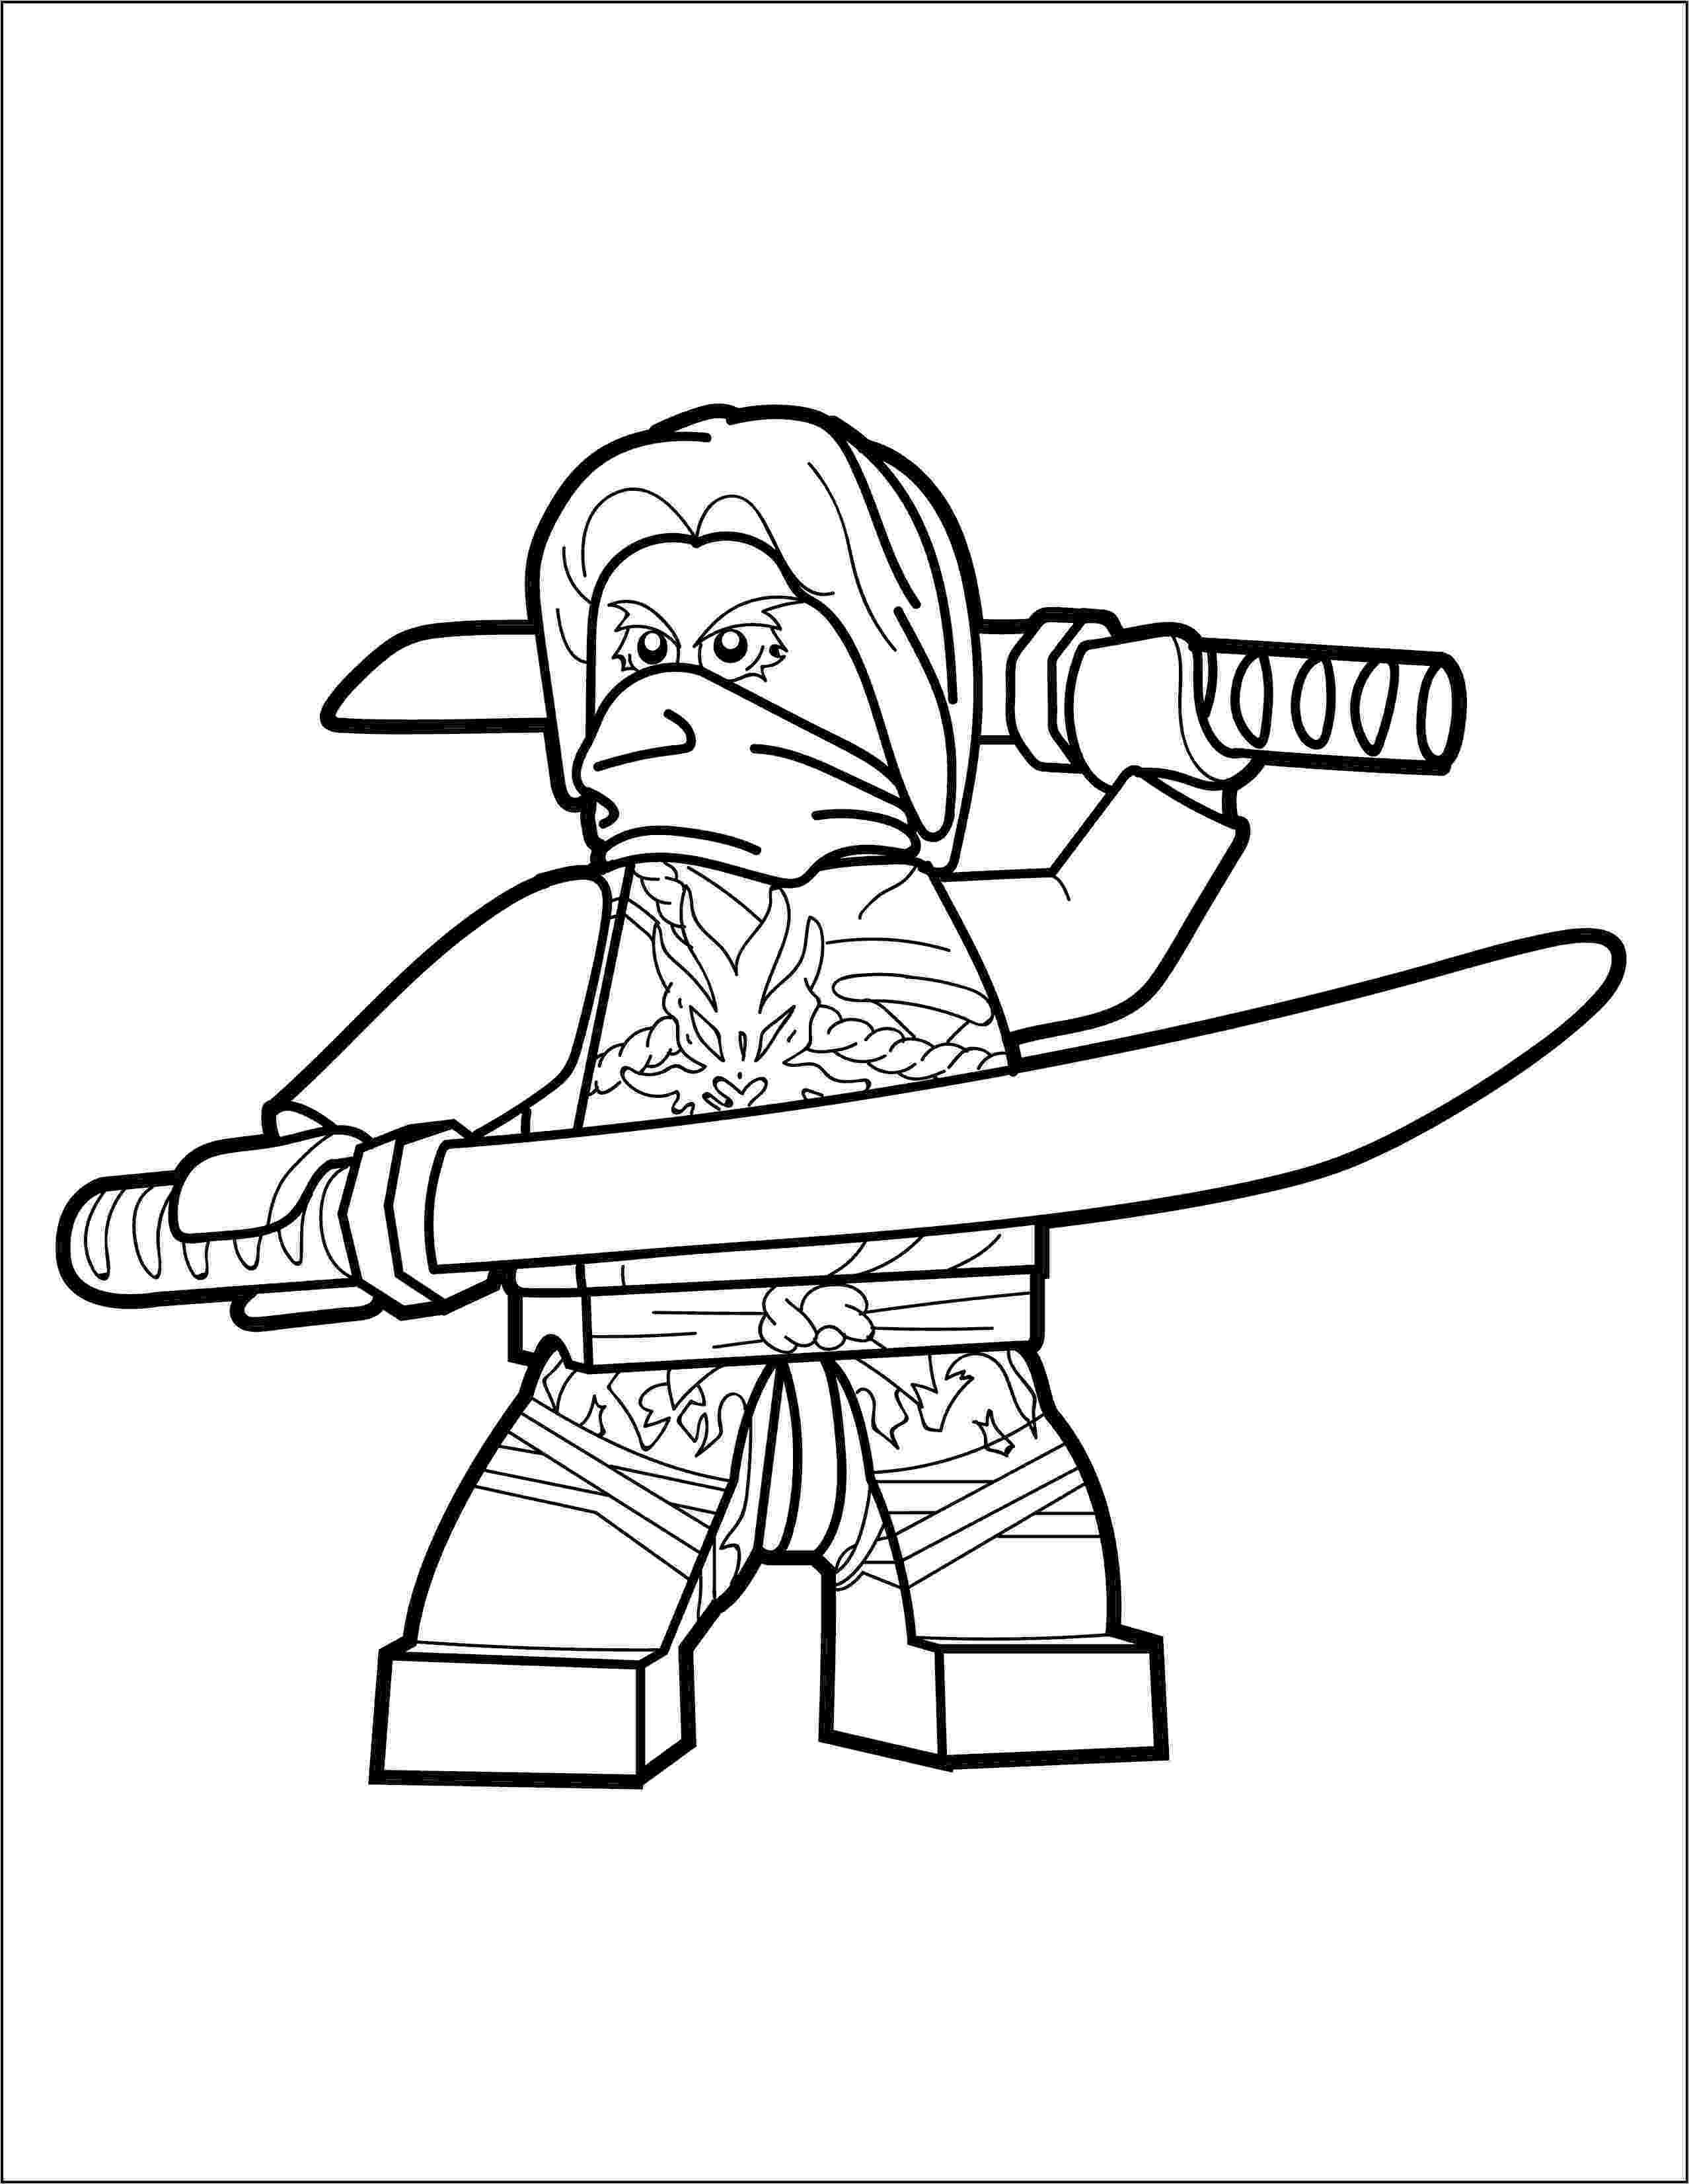 lego ninjago coloring sheets lego ninjago green ninja coloring page free printable sheets coloring lego ninjago